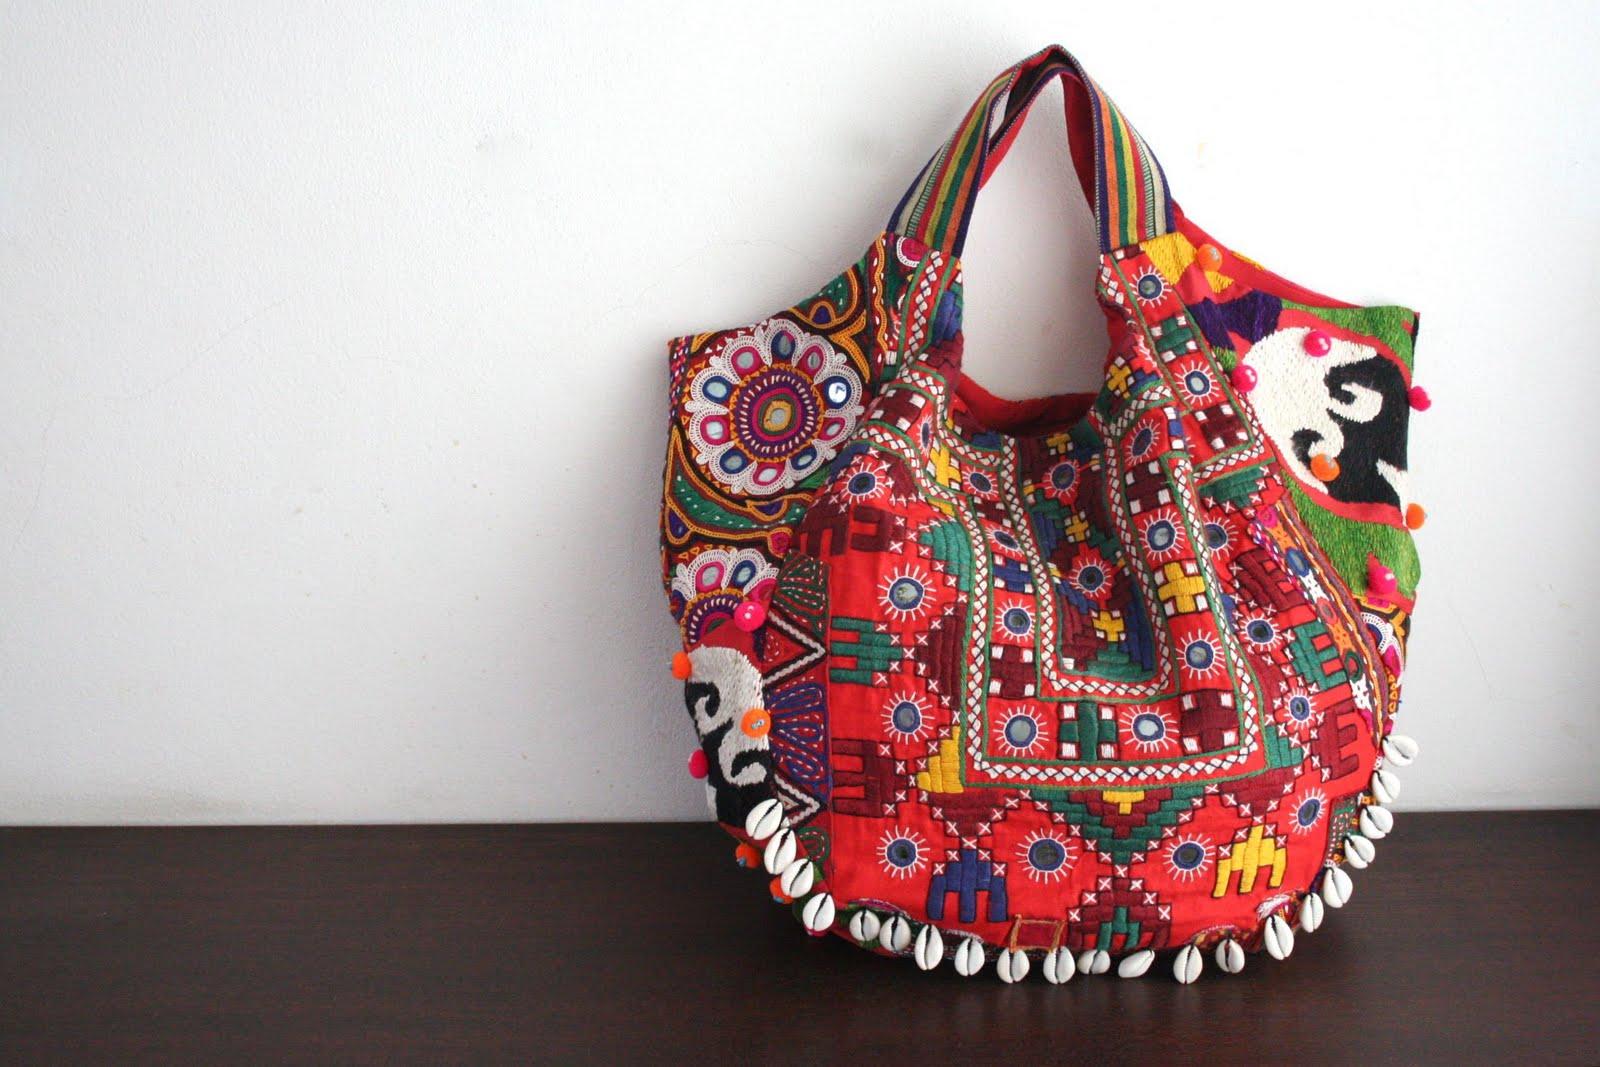 798083db1a Ethnic τσάντες  Η καλοκαιρινή τάση - Lady Secret